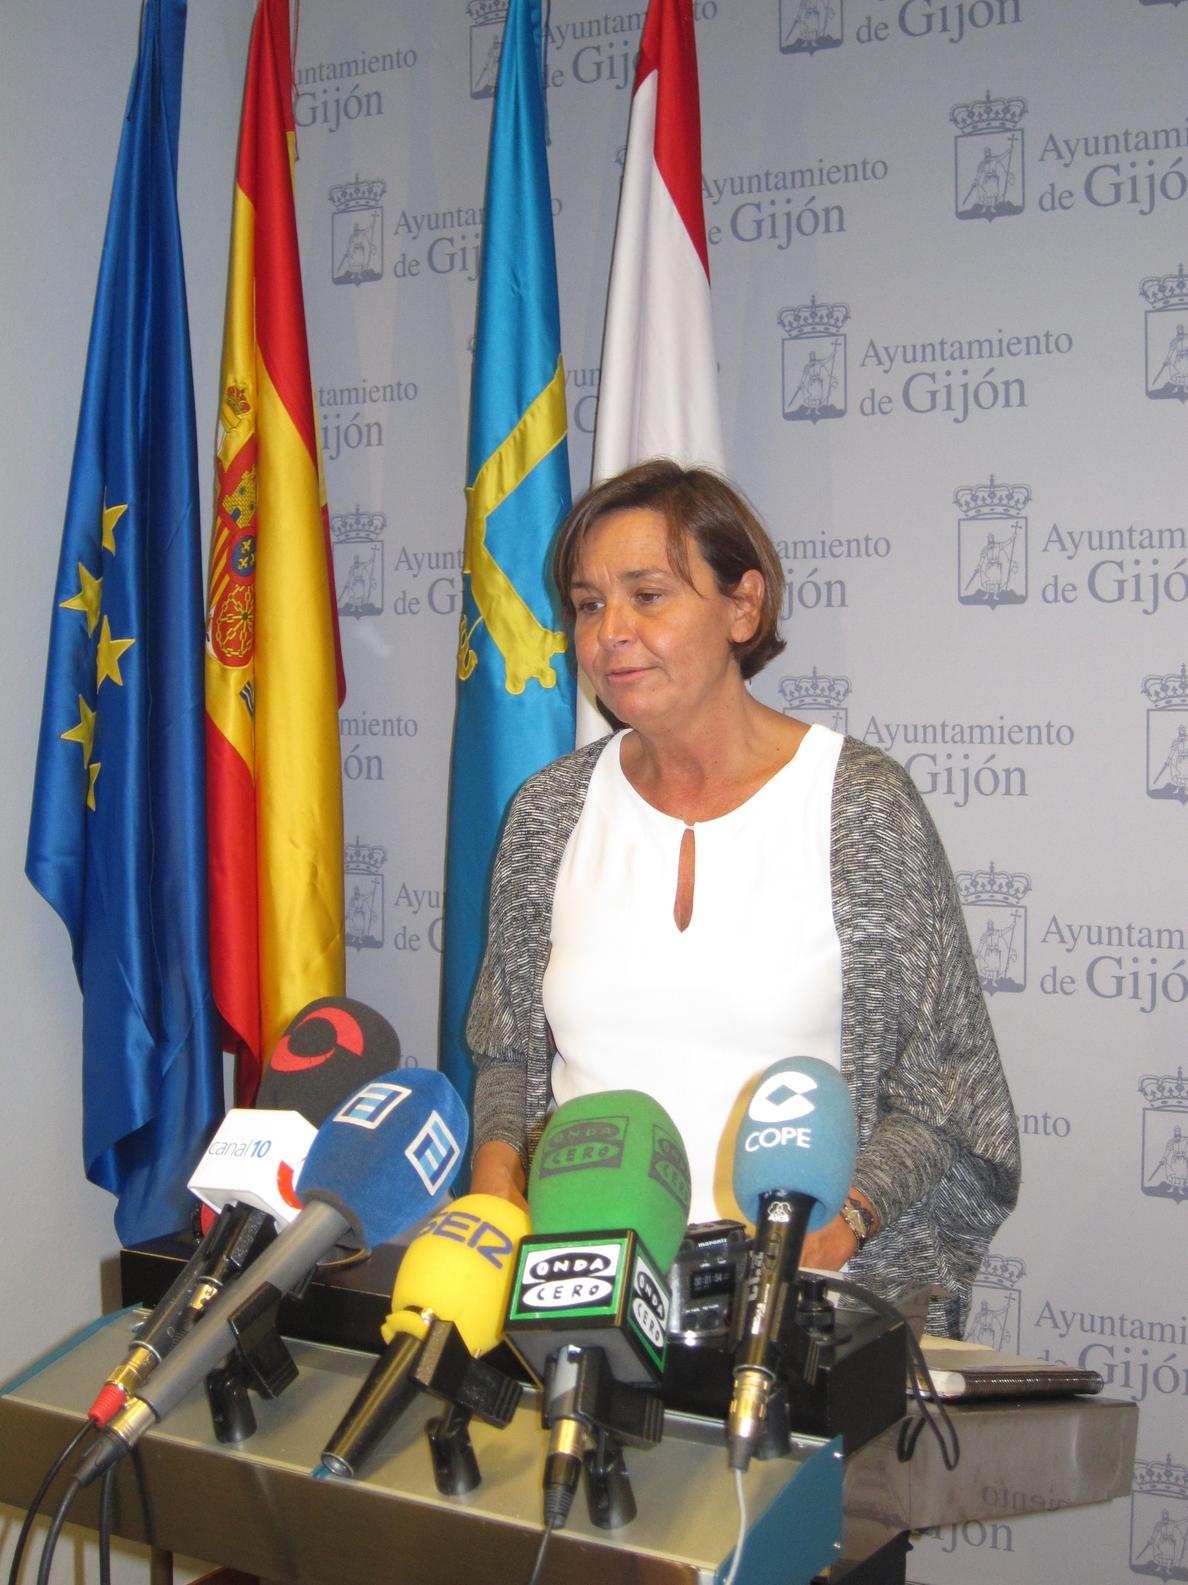 La Fiscalía archiva la denuncia del notario Ángel Luis Torres contra la alcaldesa de Gijón